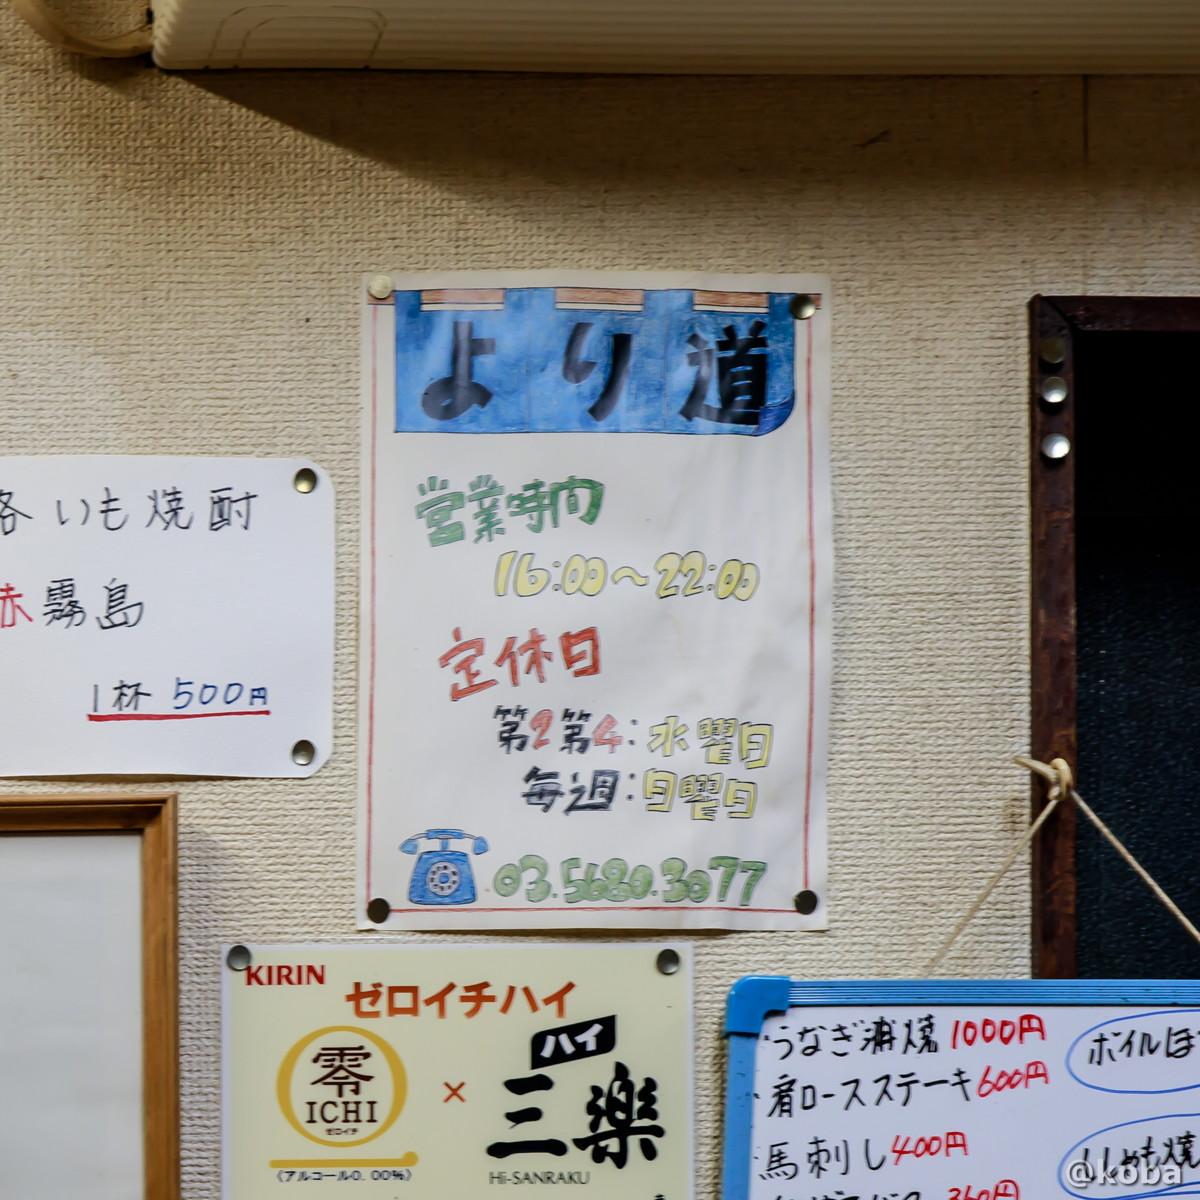 営業時間・定休日の写真|居酒屋 より道|東京都葛飾区・京成青砥